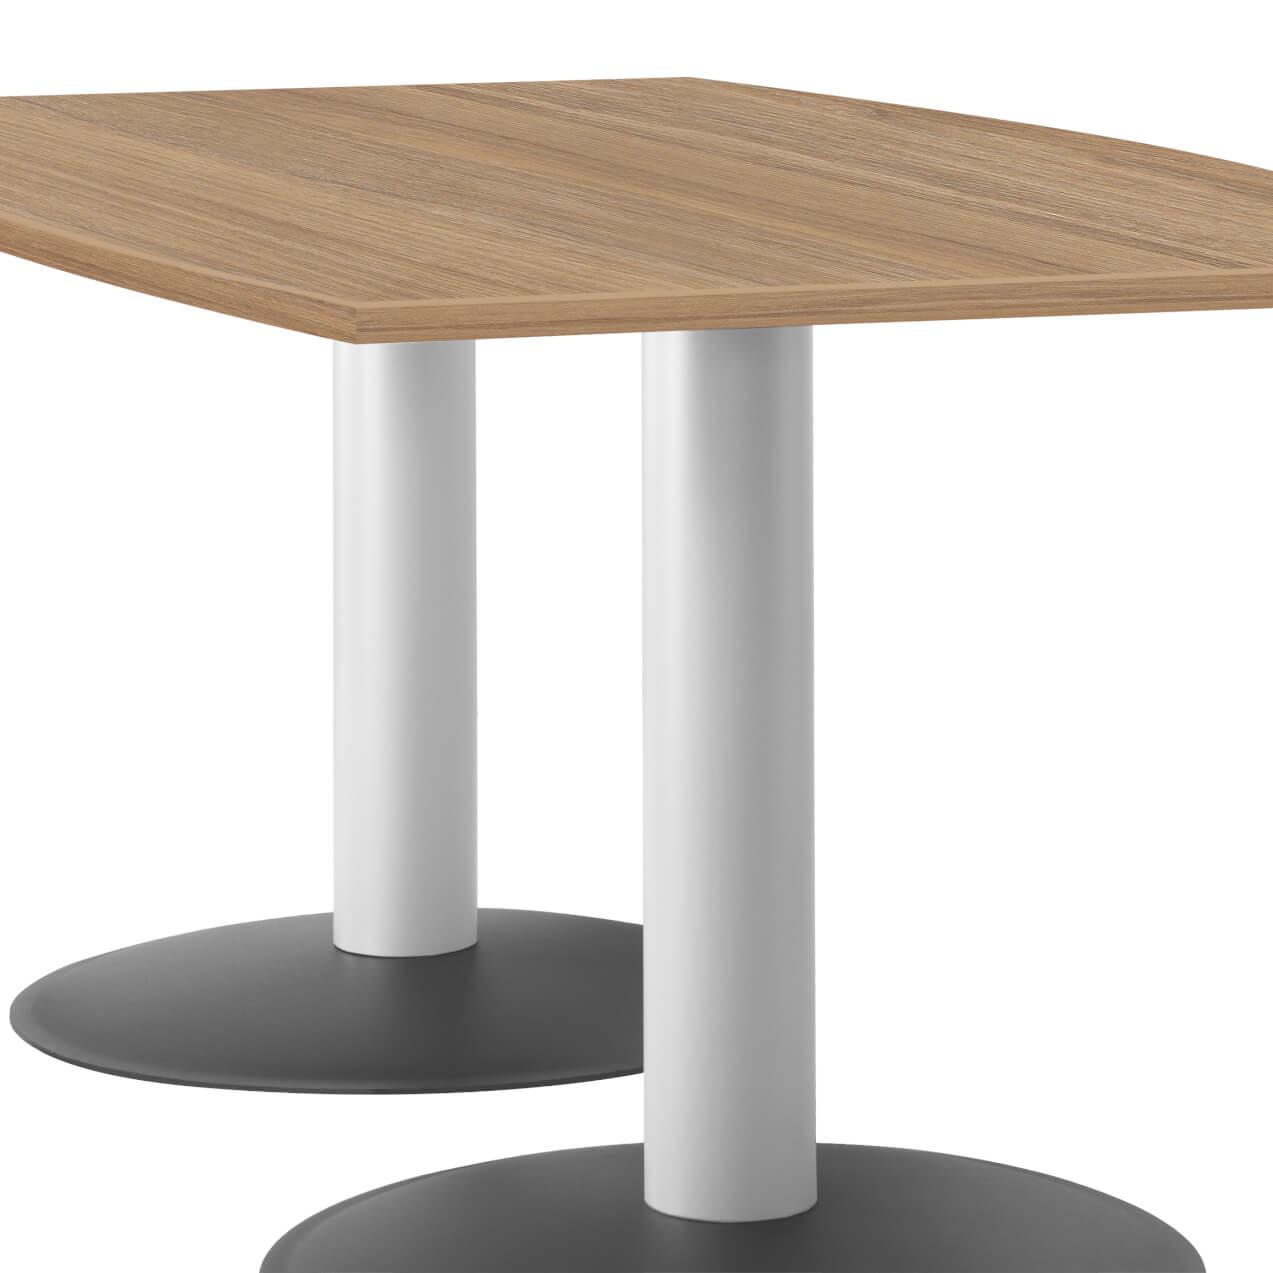 OPTIMA Konferenztisch Bootsform 200x100 cm Besprechungstisch Bernstein-Eiche Tisch Esstisch Küchentisch